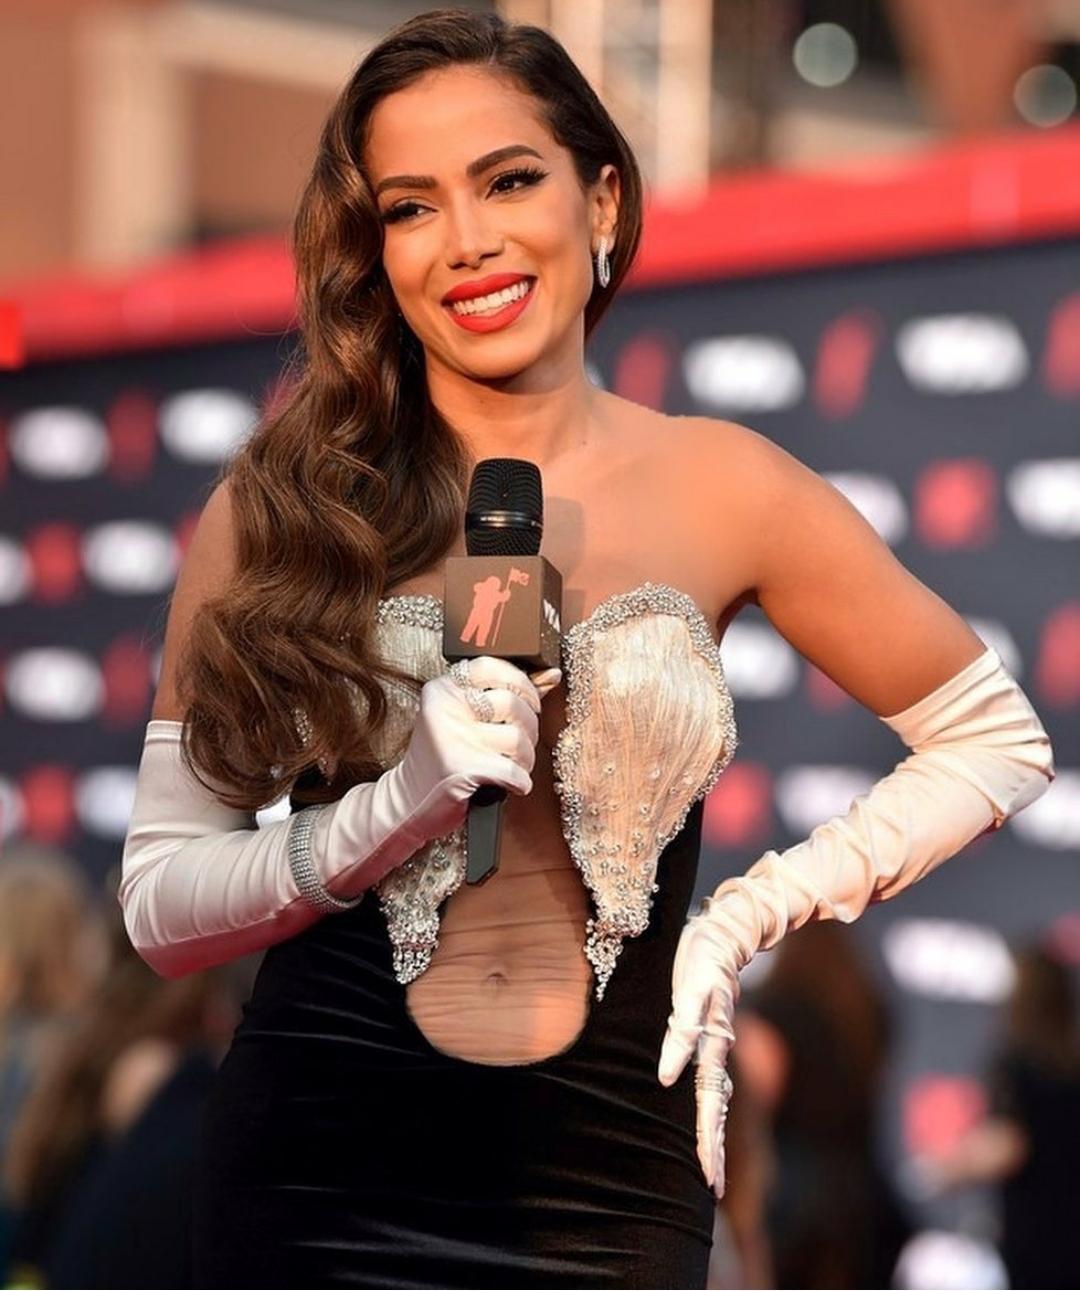 O que aconteceu com a apresentação de Anitta no VMA?